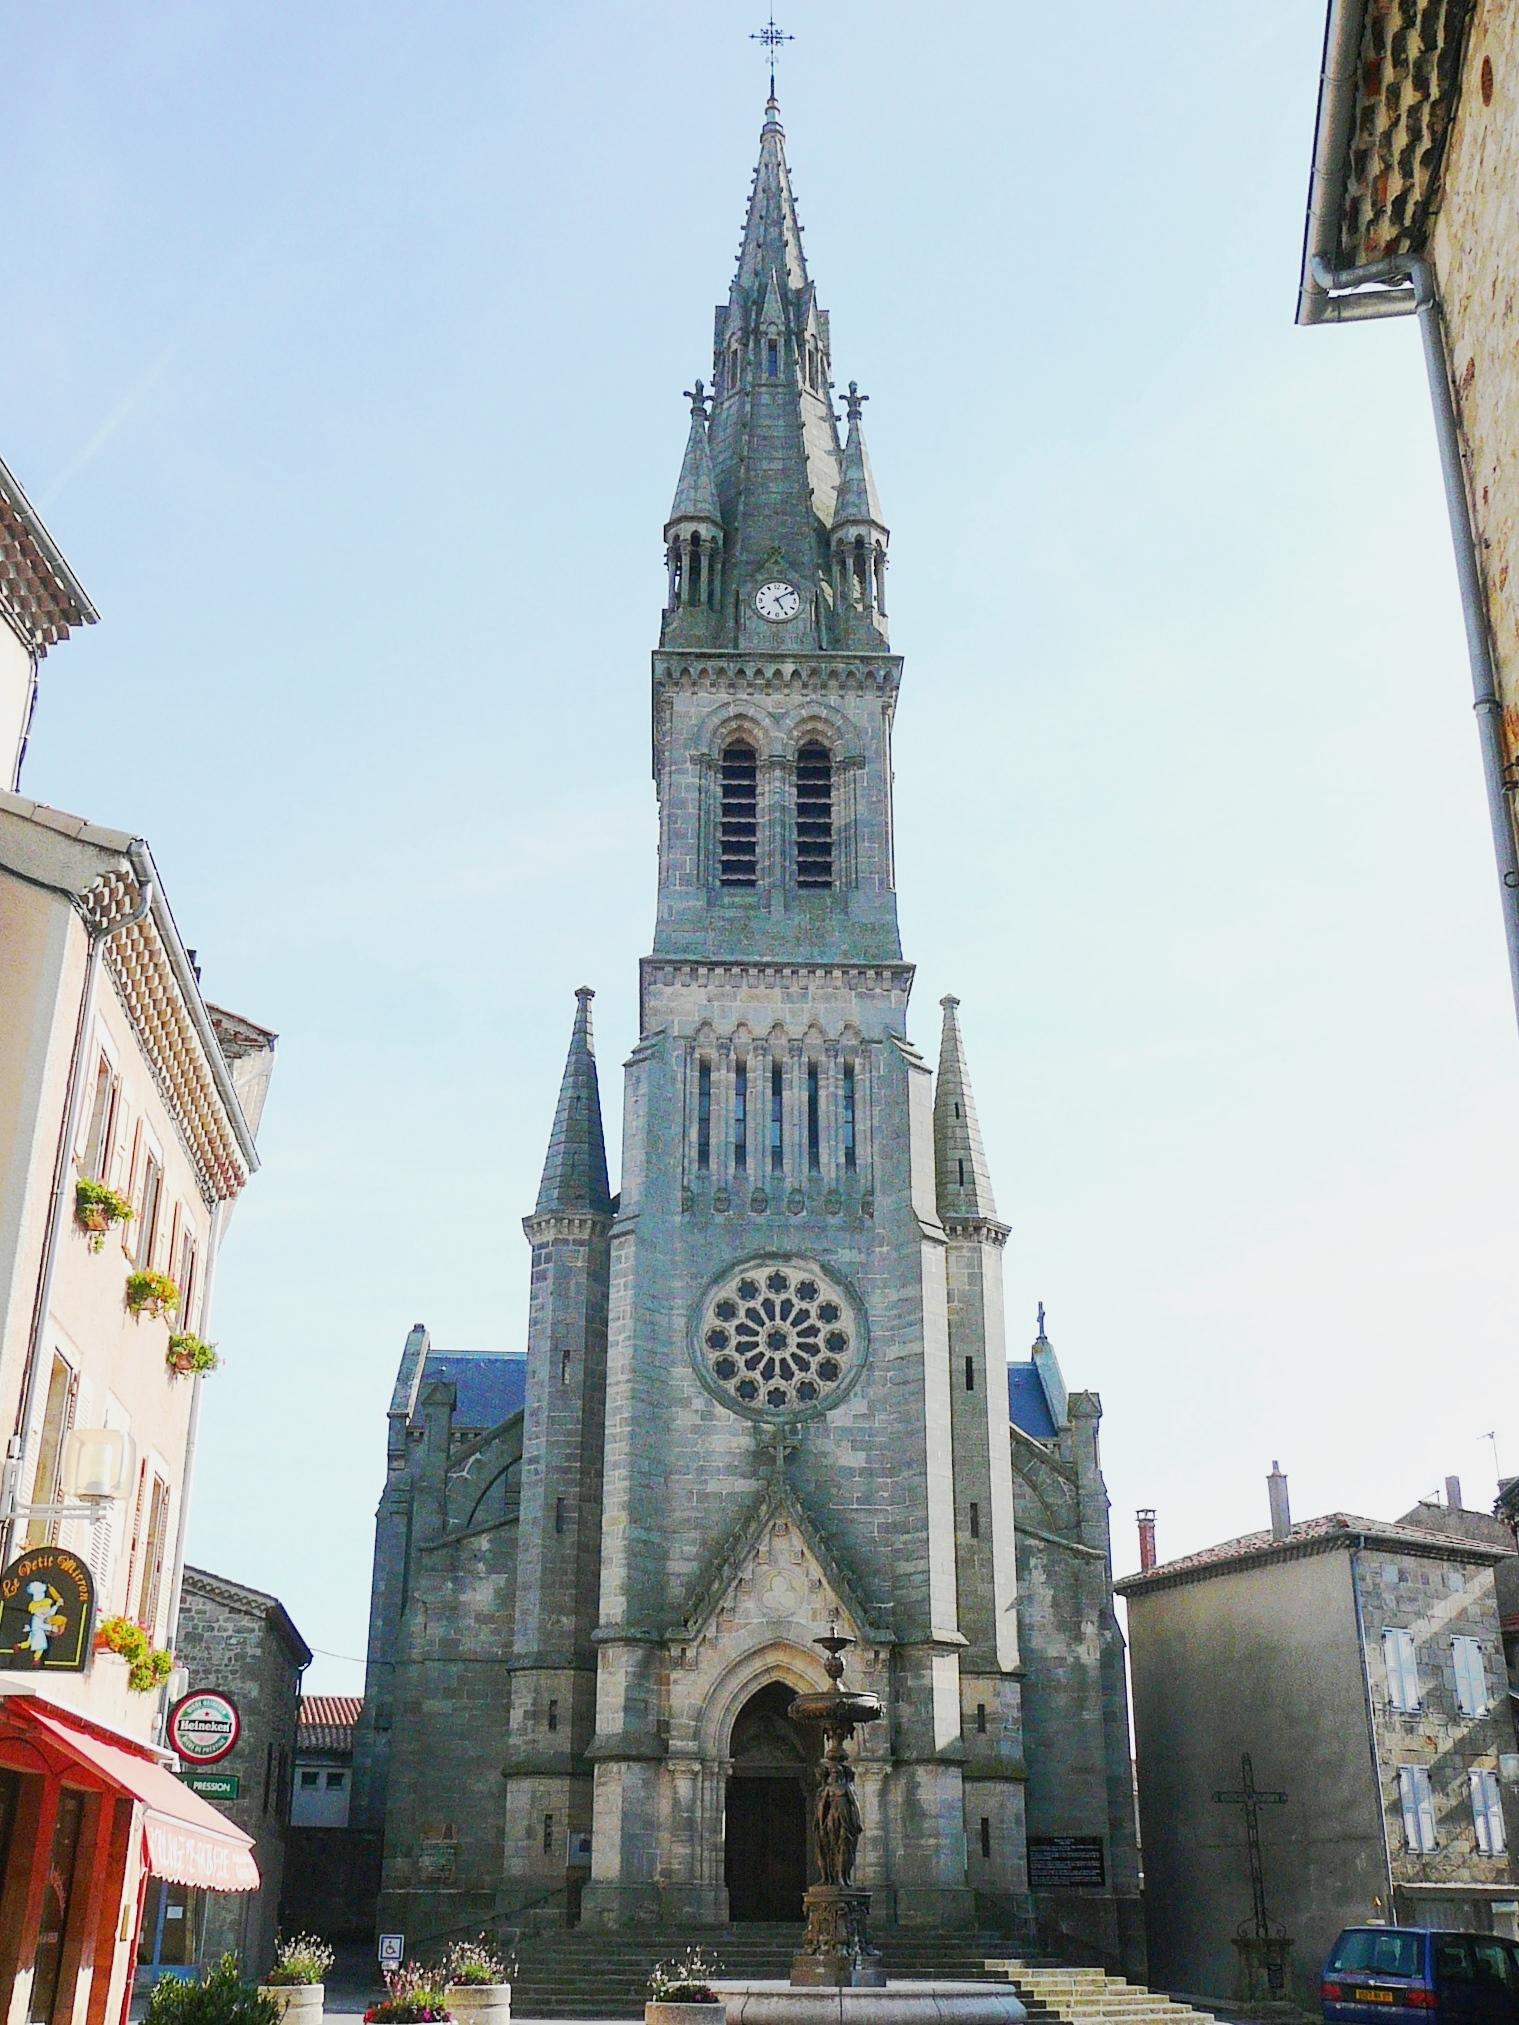 Rendez-vous futés ! : Journées européennes du patrimoine : visite libre de l'église du Sacré-Cœur